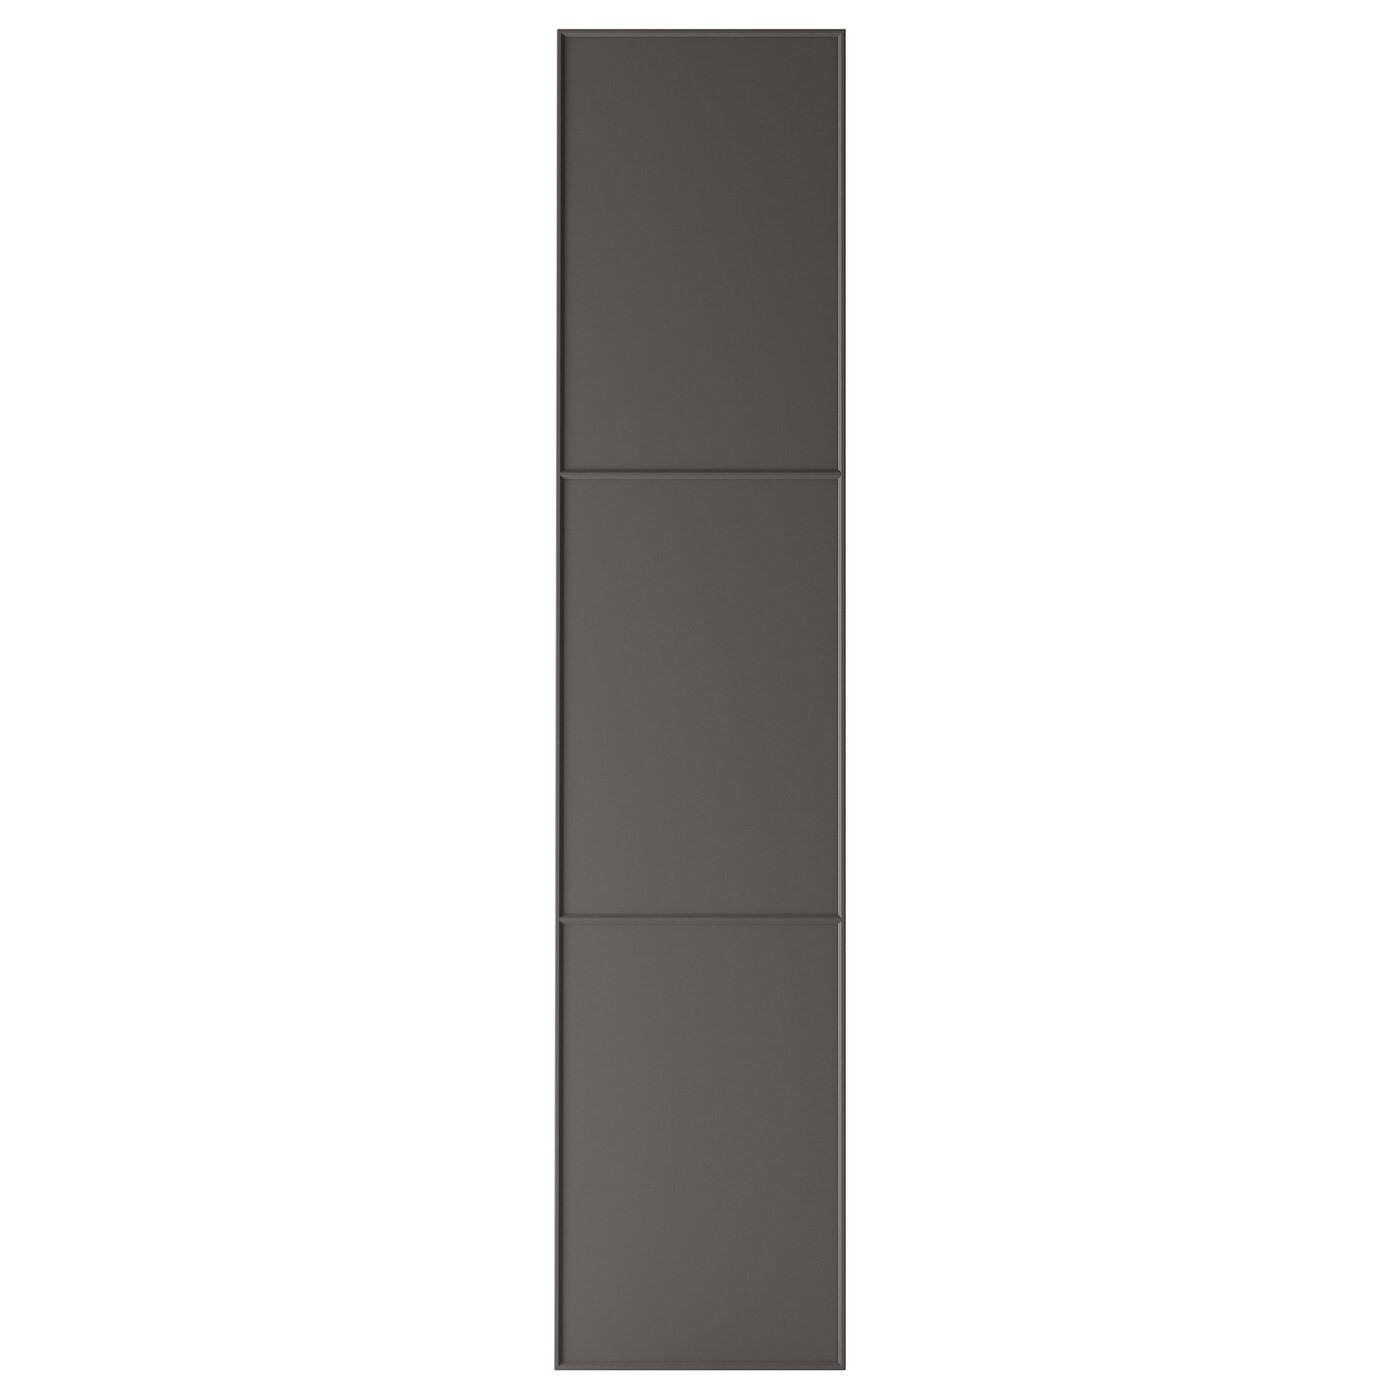 IKEA MERÅKER Дверца с петлями, темно-серый, 50x229 см 791.228.24